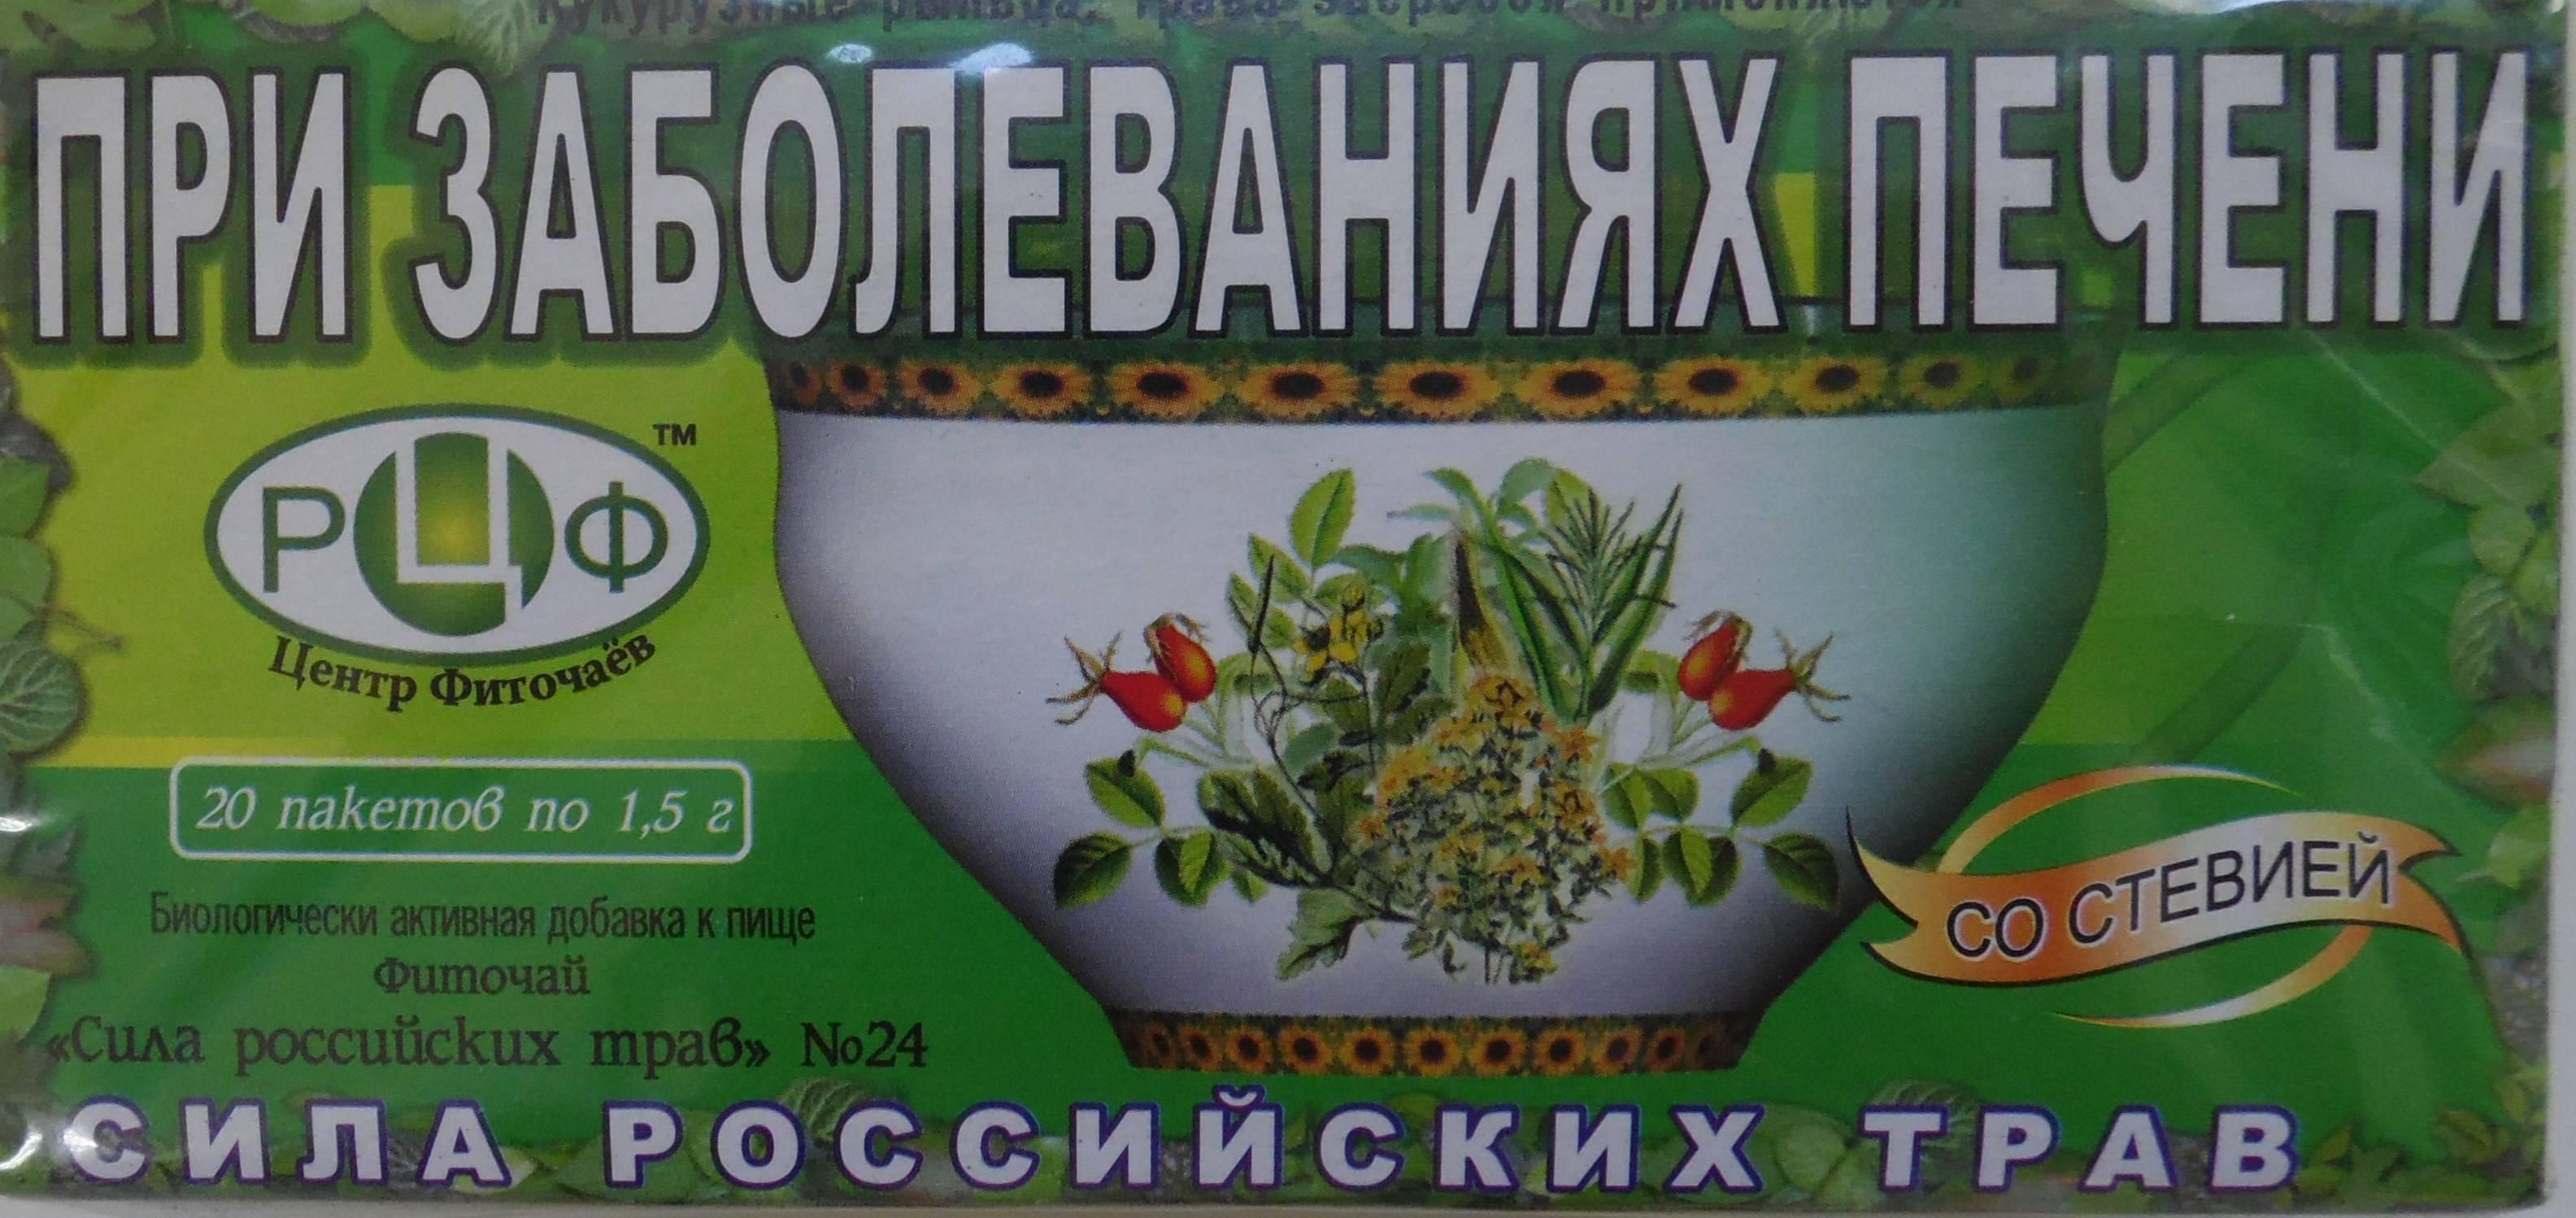 Какие травы подходят для поддержания здоровья печени